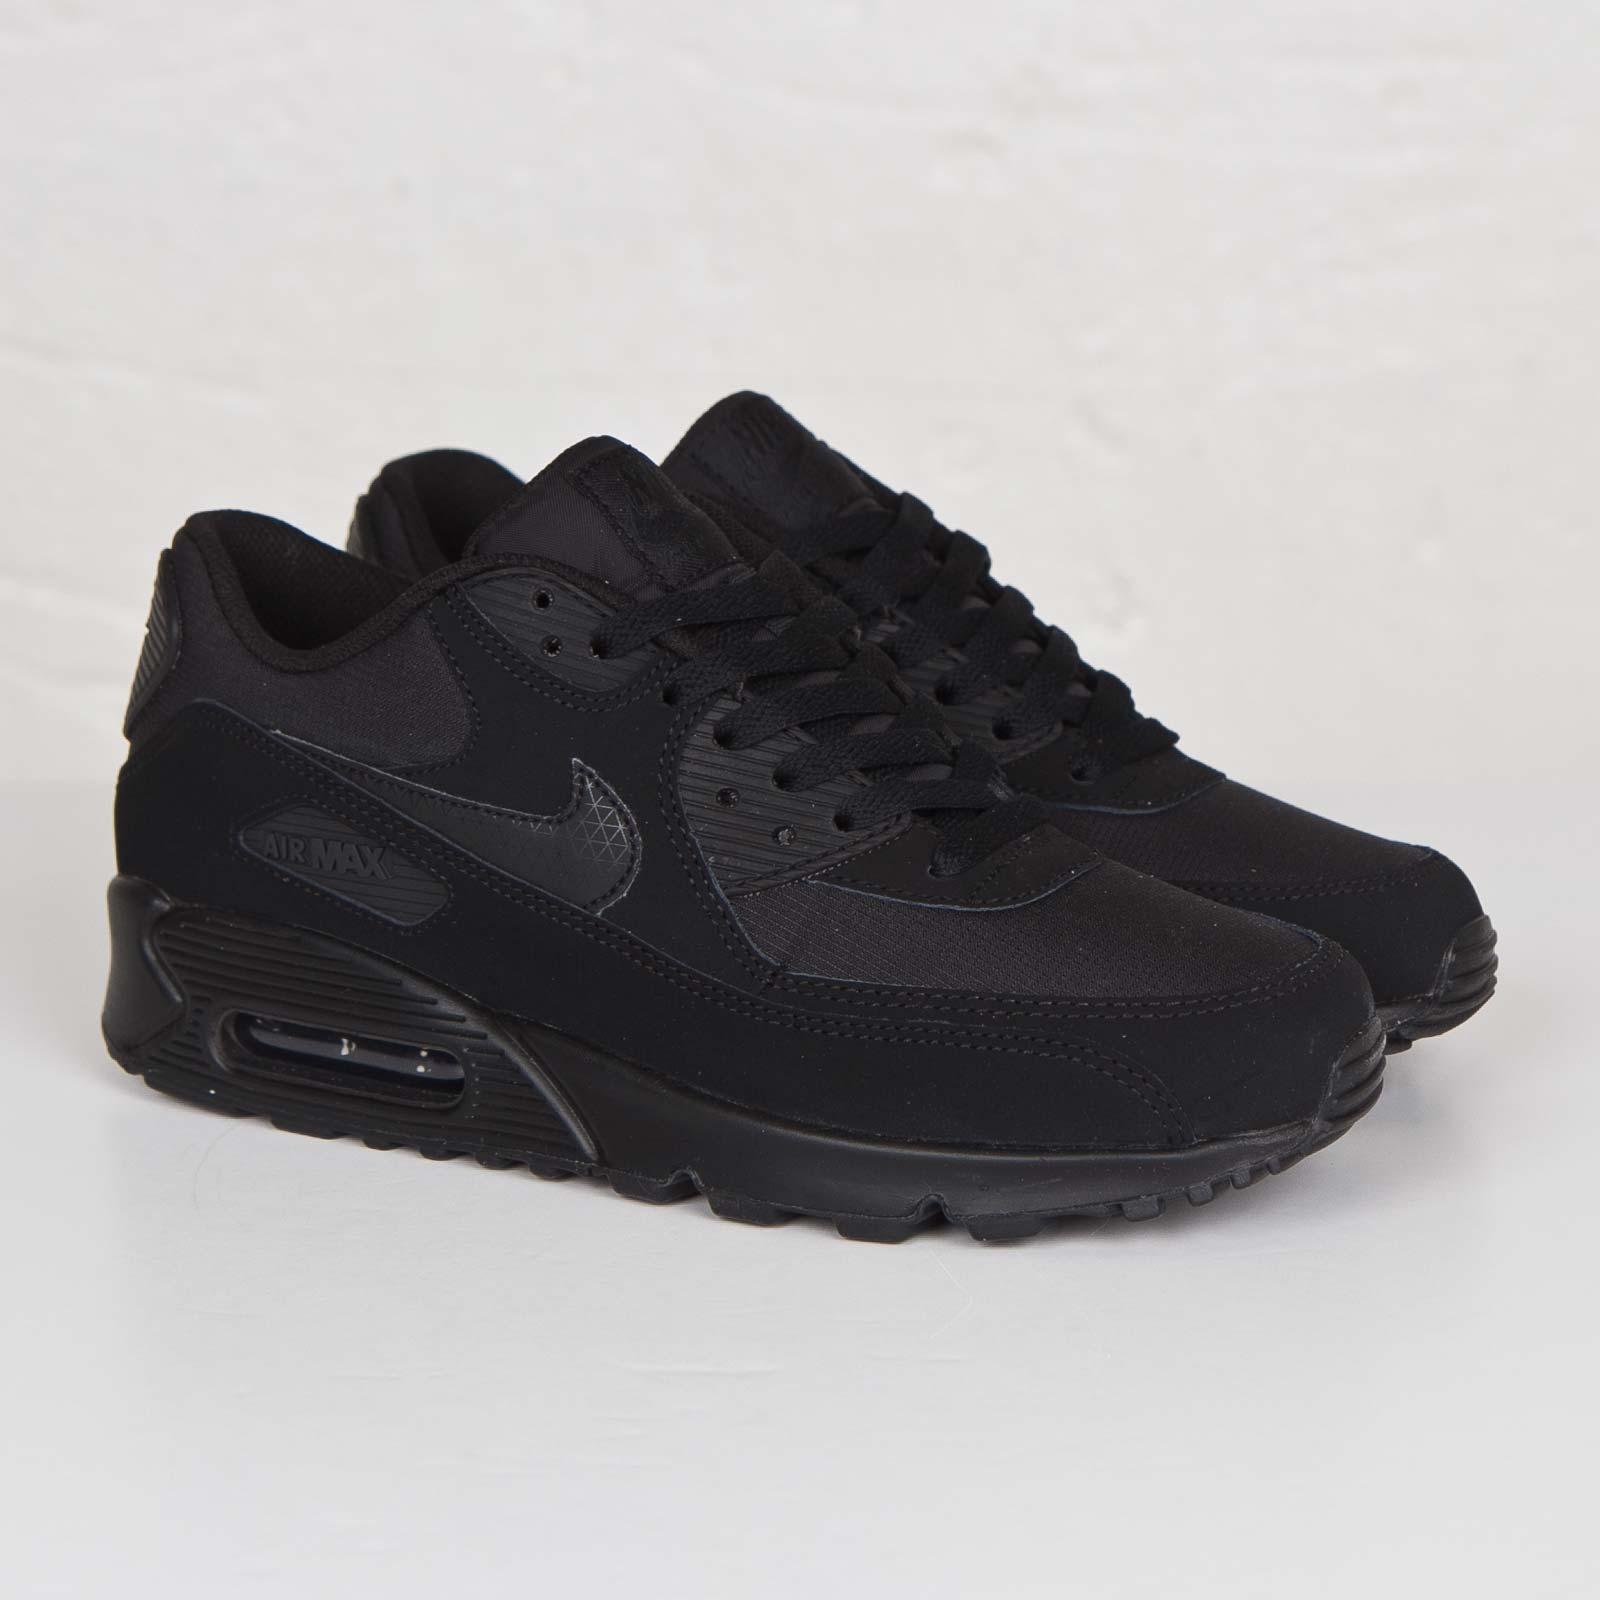 fabb6a42ba Nike Air Max 90 Essential - 537384-046 - Sneakersnstuff